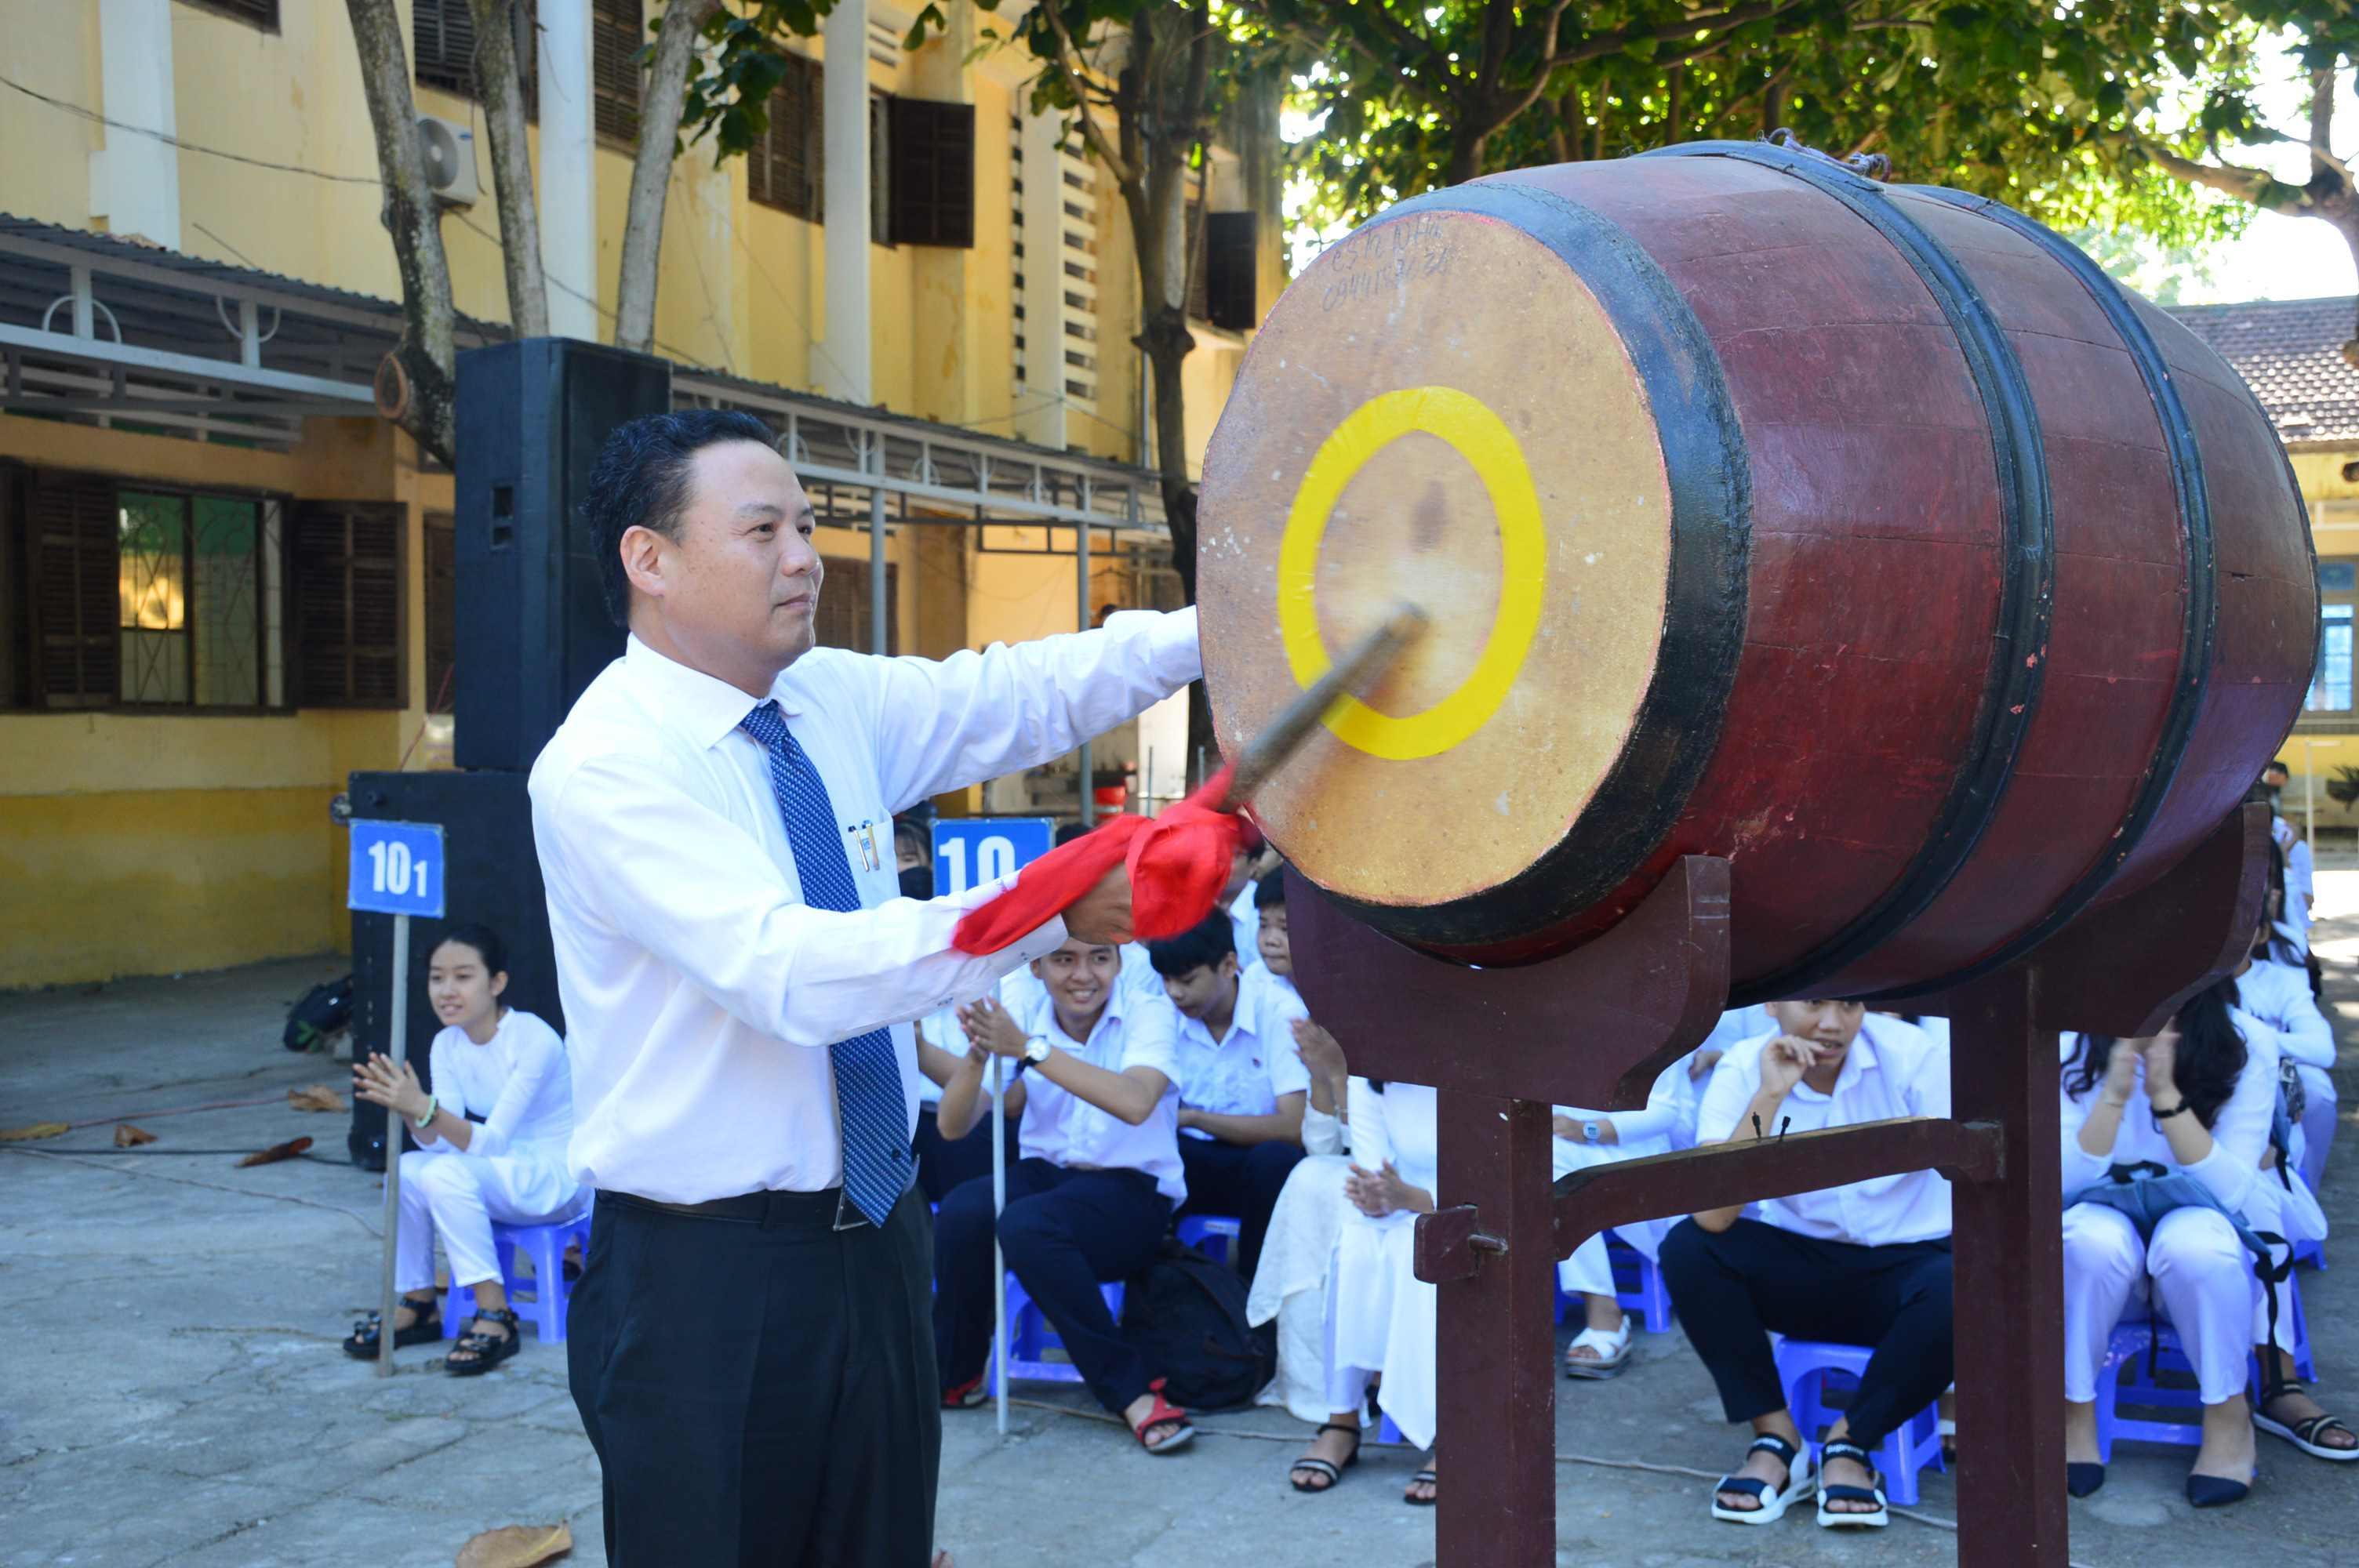 Phó Chủ tịch UBND tỉnh Lê Văn Thanh đánh hồi trống chào mừng năm học mới. Ảnh: Q.T